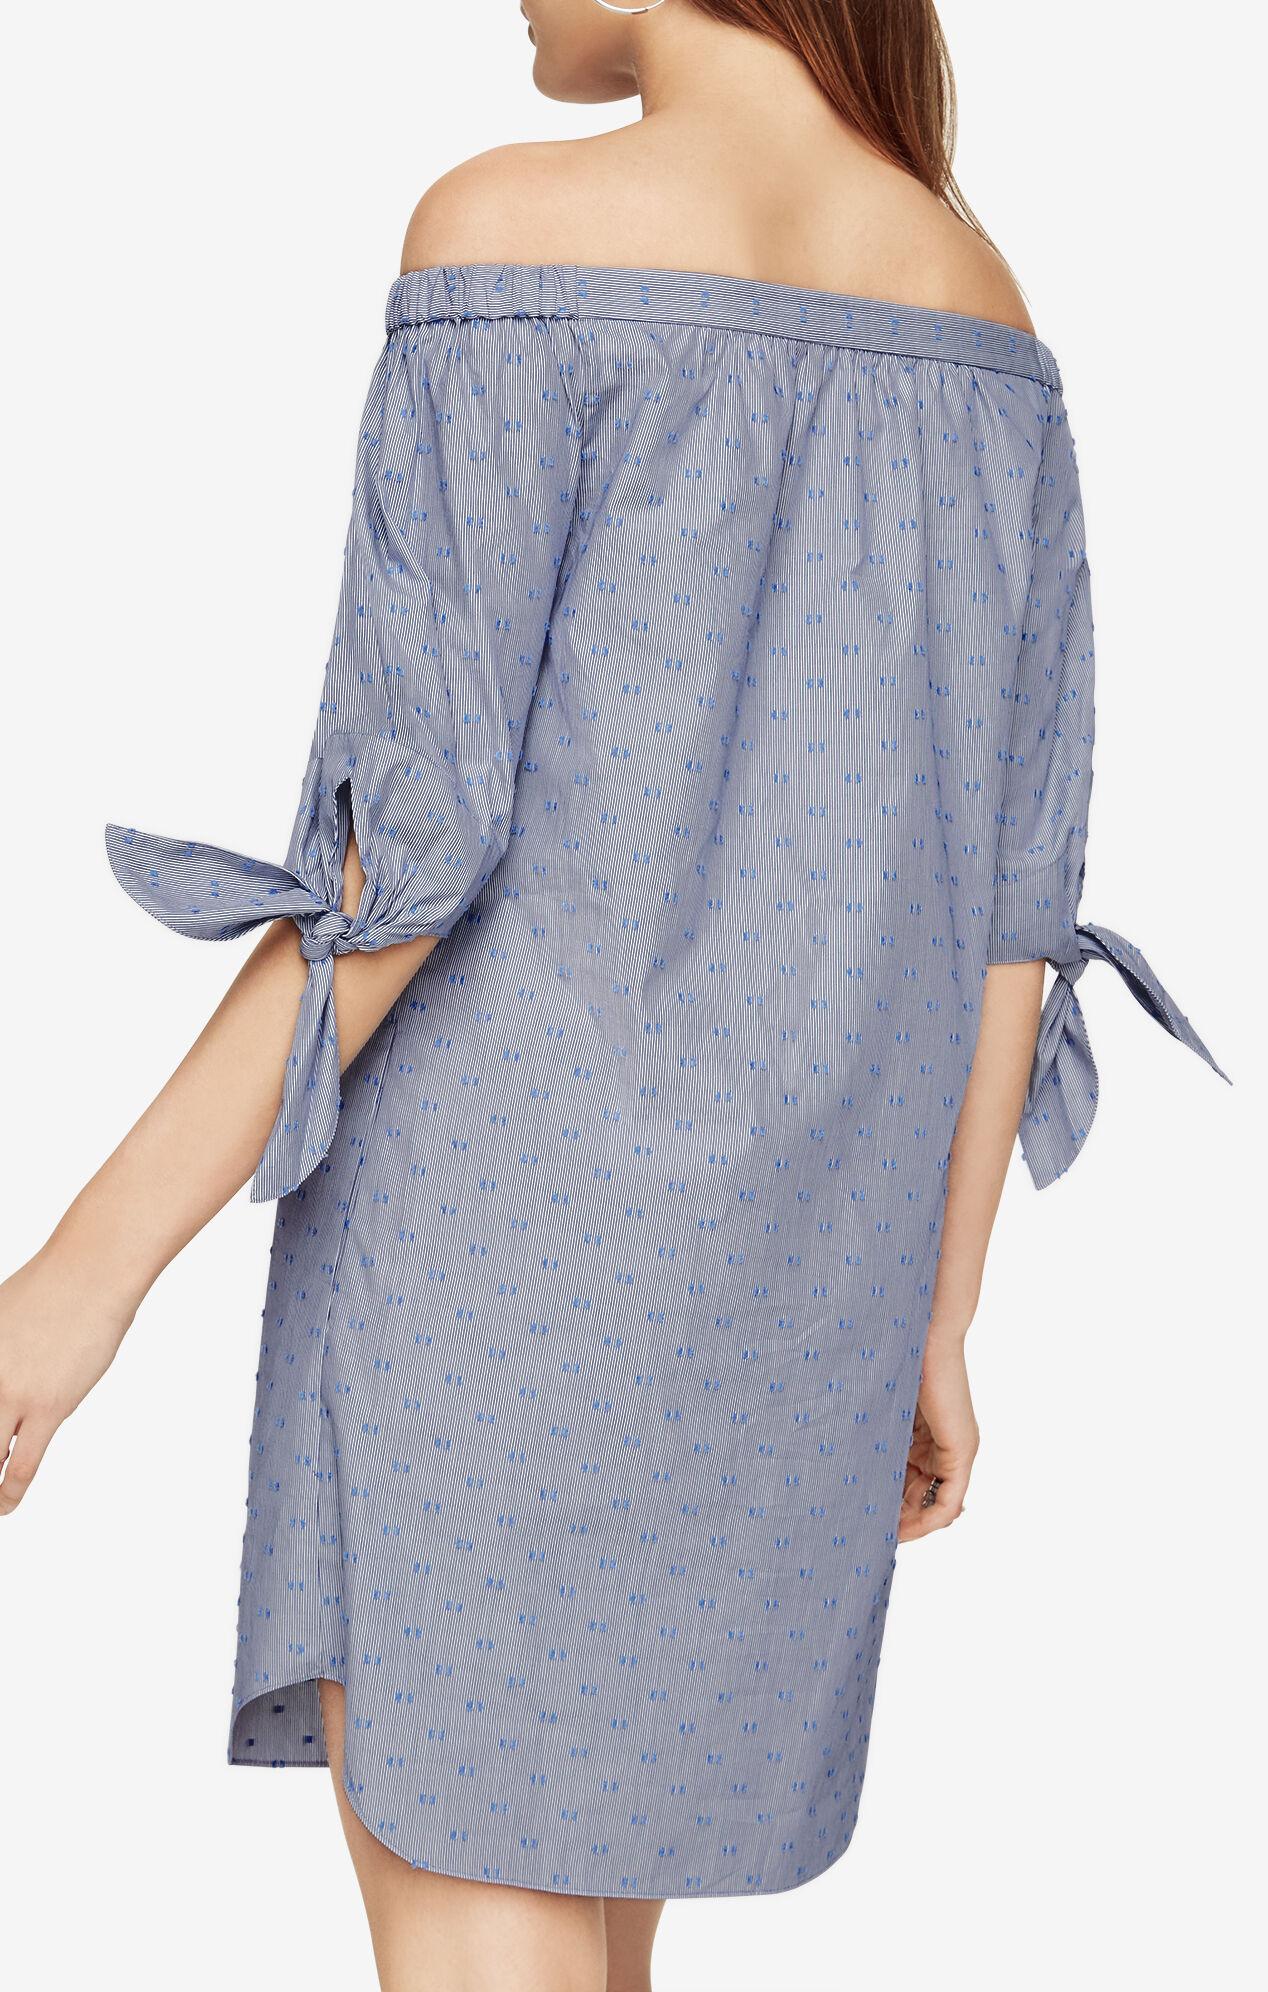 Cadence Off-The-Shoulder Dress